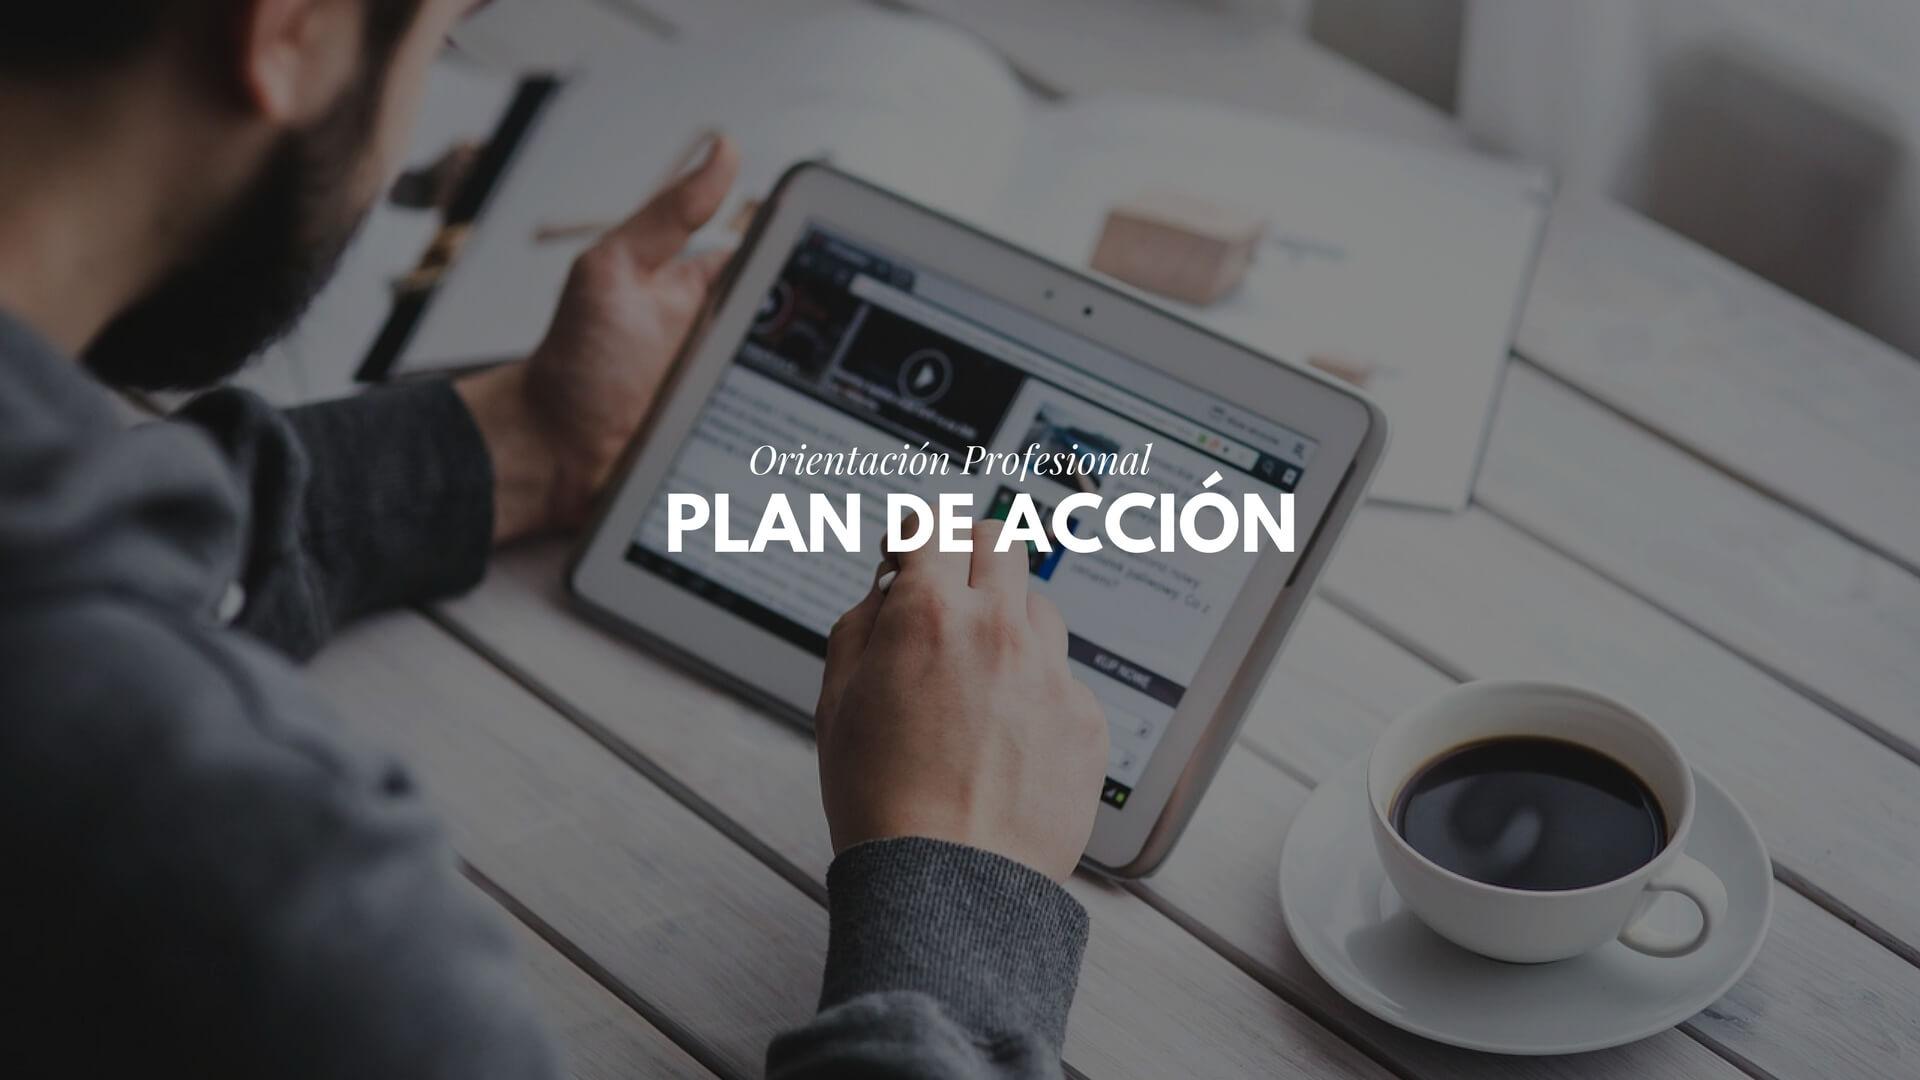 Orientación profesional VI: hacer un plan de acción en búsqueda empleo